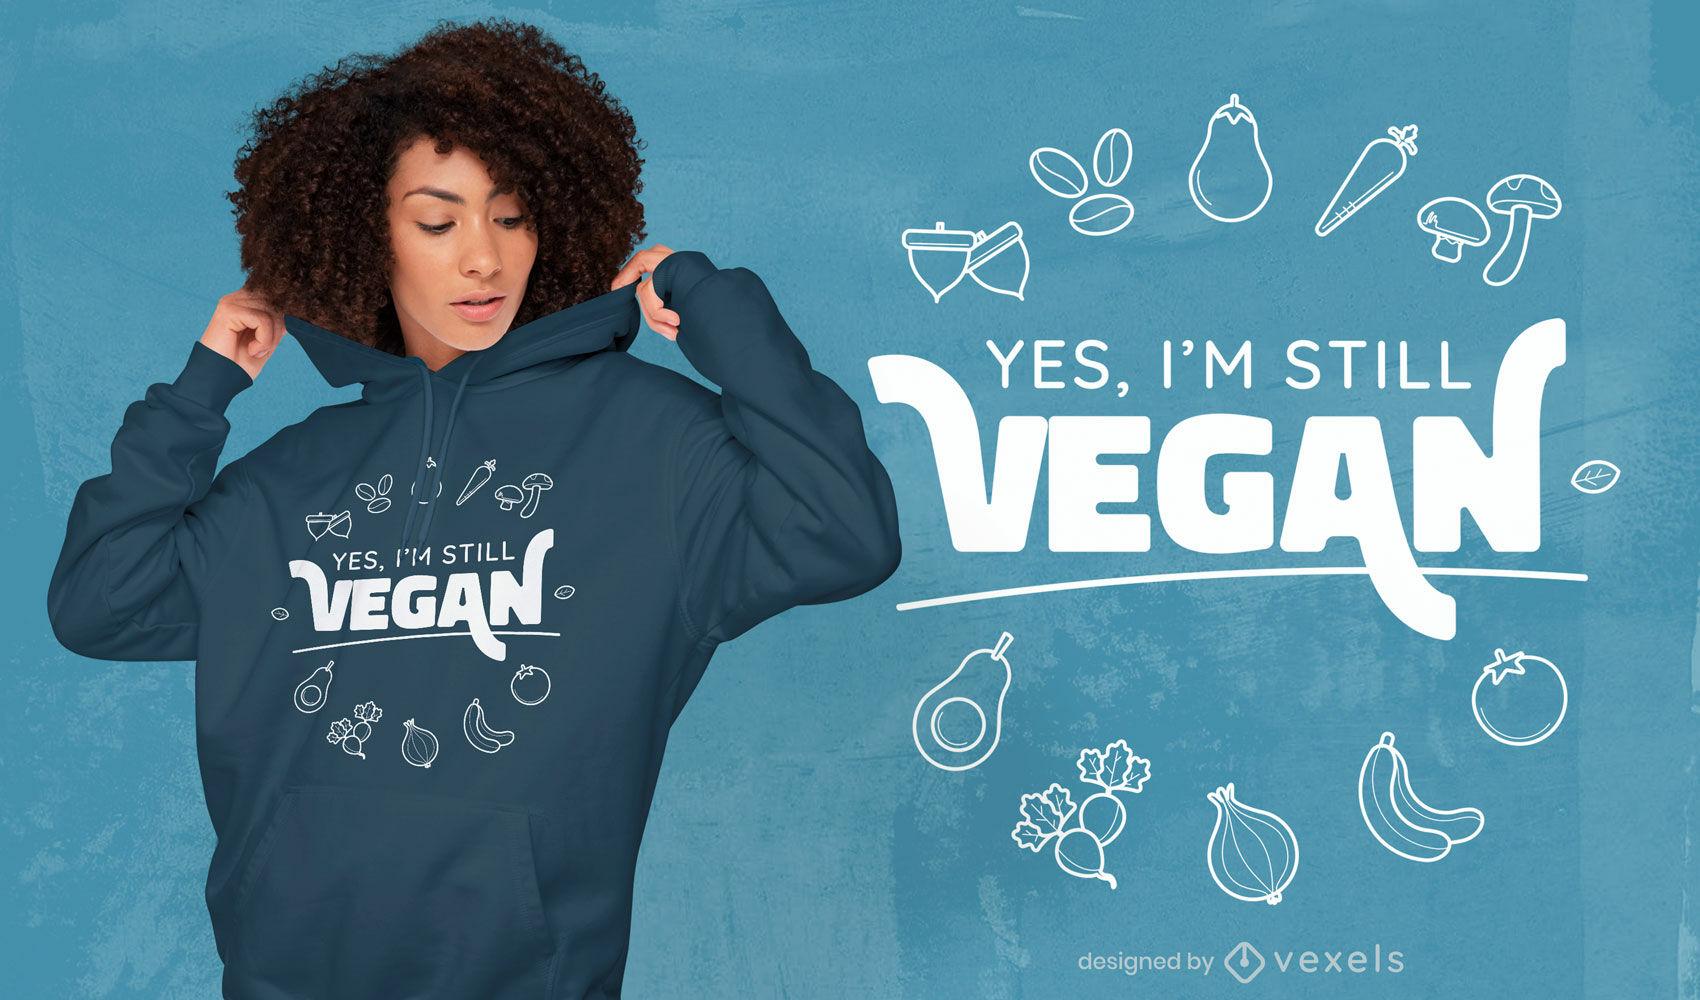 Still vegan diet quote t-shirt design